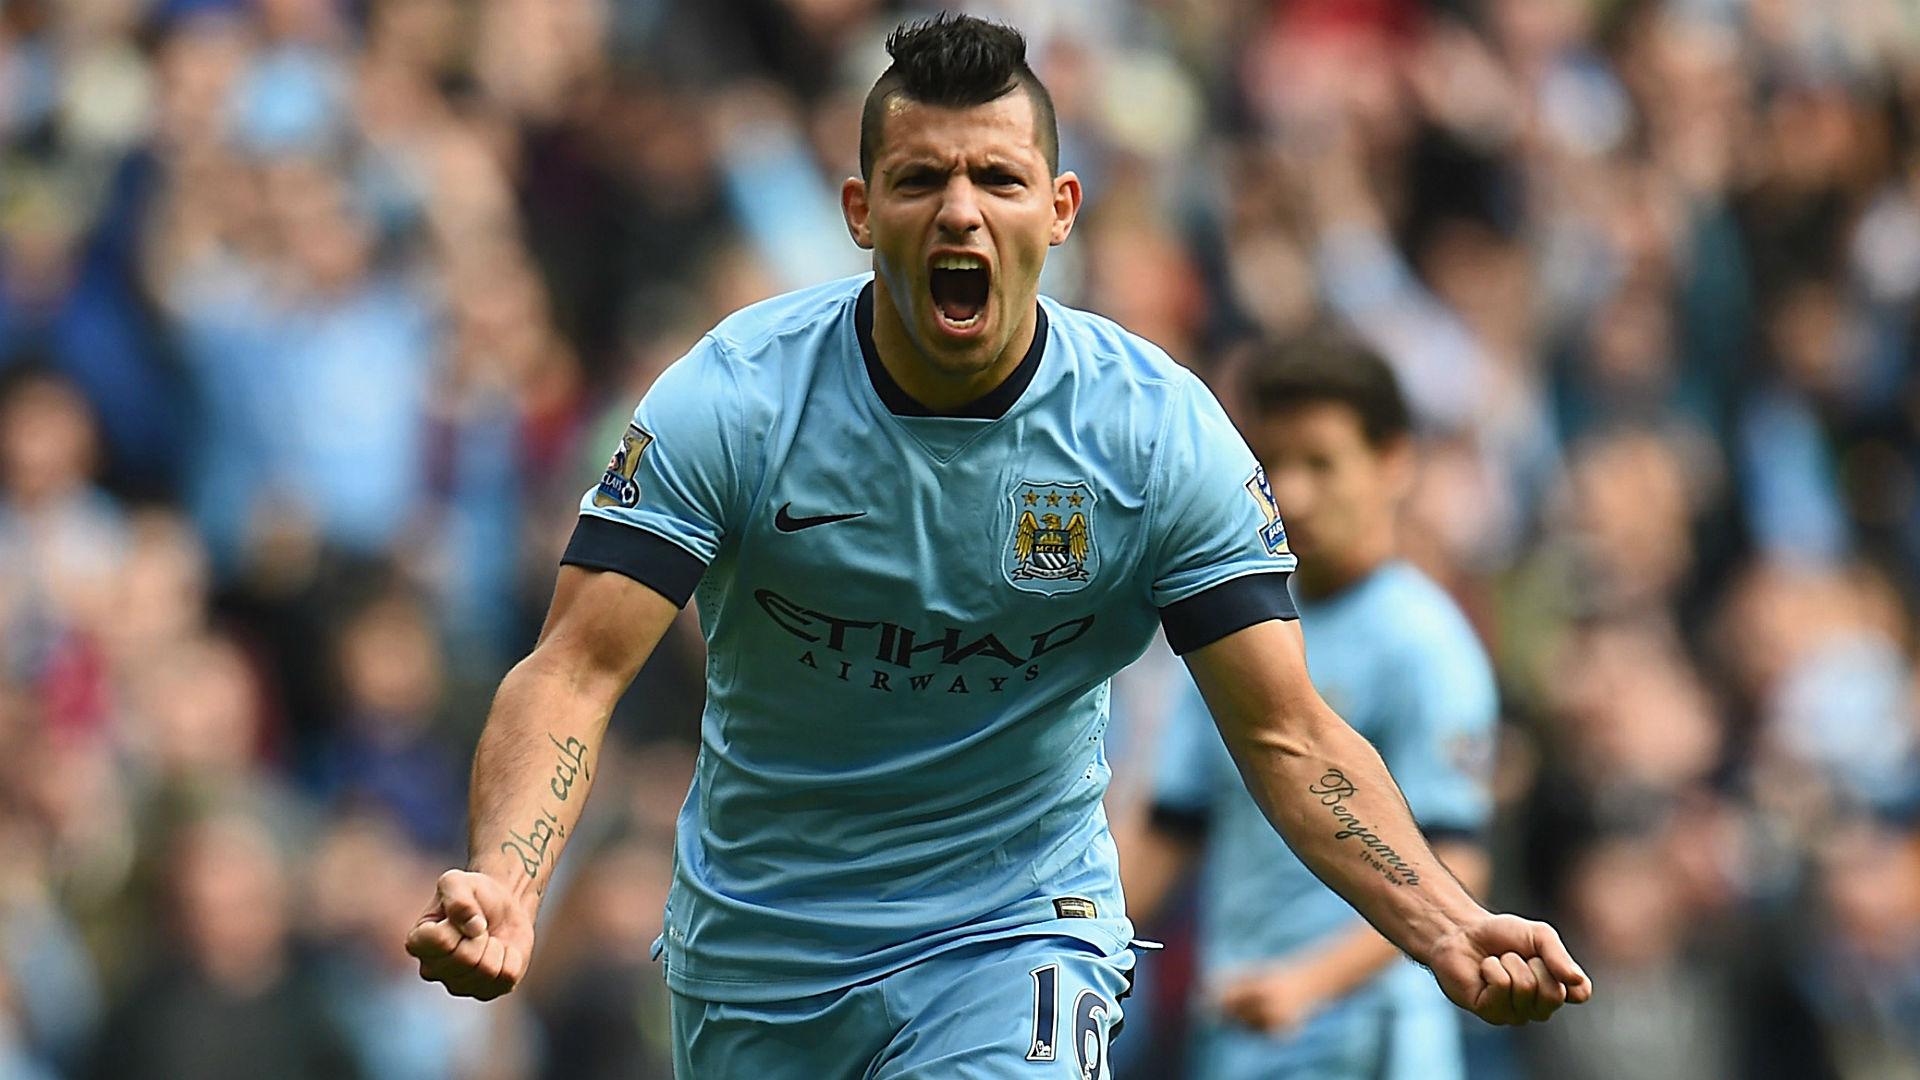 المركز الثالث فحصل عليه سيرخيو اجويرو برصيد 21 هدفا.